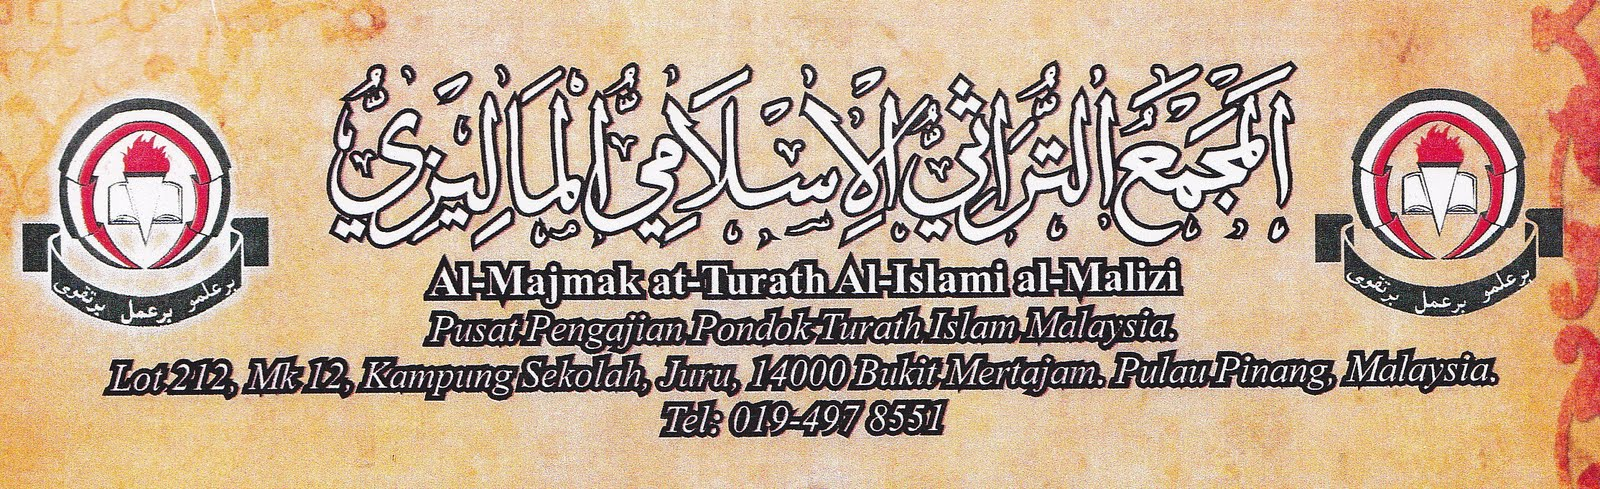 AL-MAJMAK AT-TURATH AL-ISLAMI AL-MALIZI